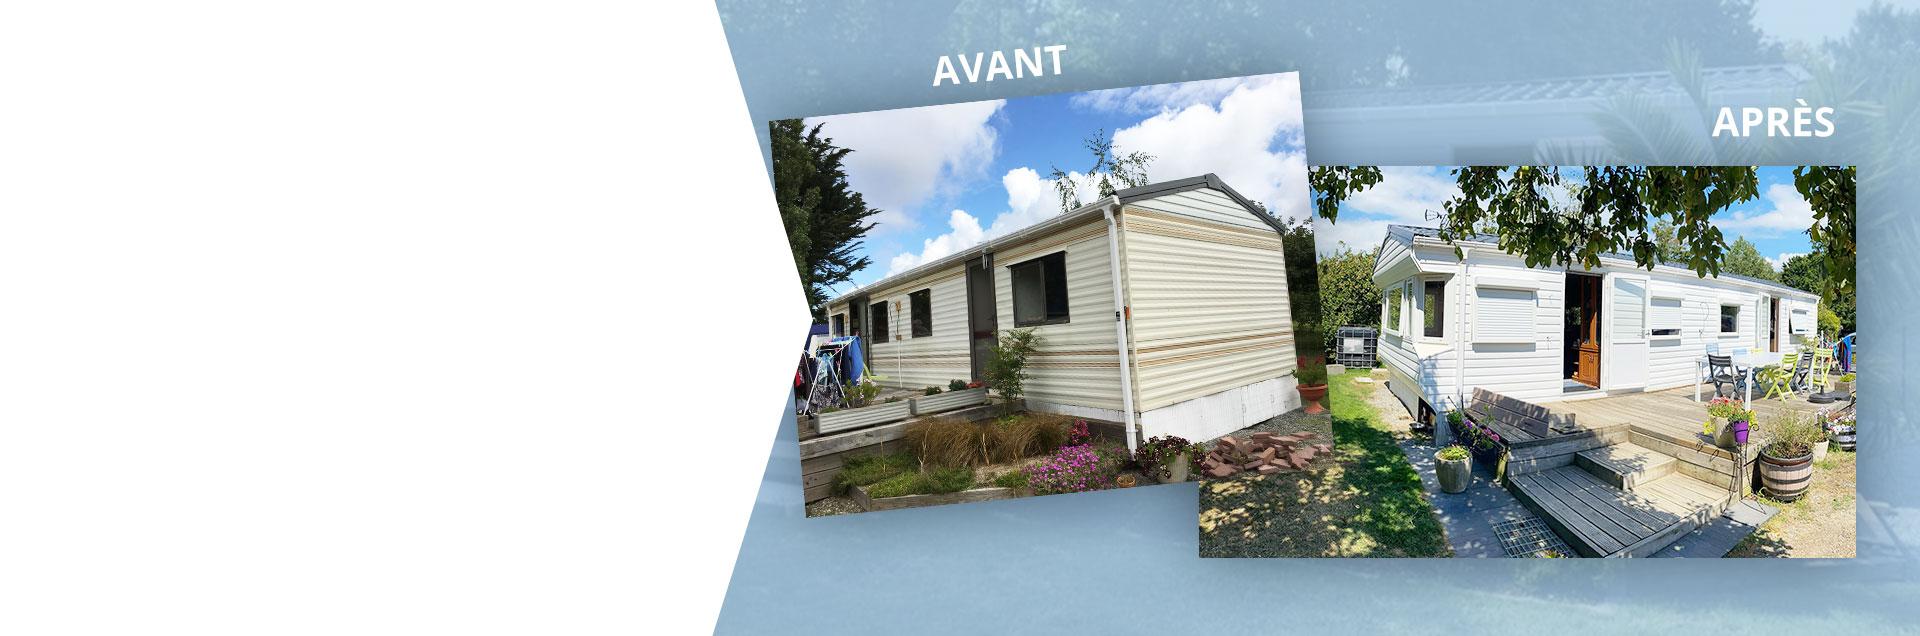 Rénovation de mobile home